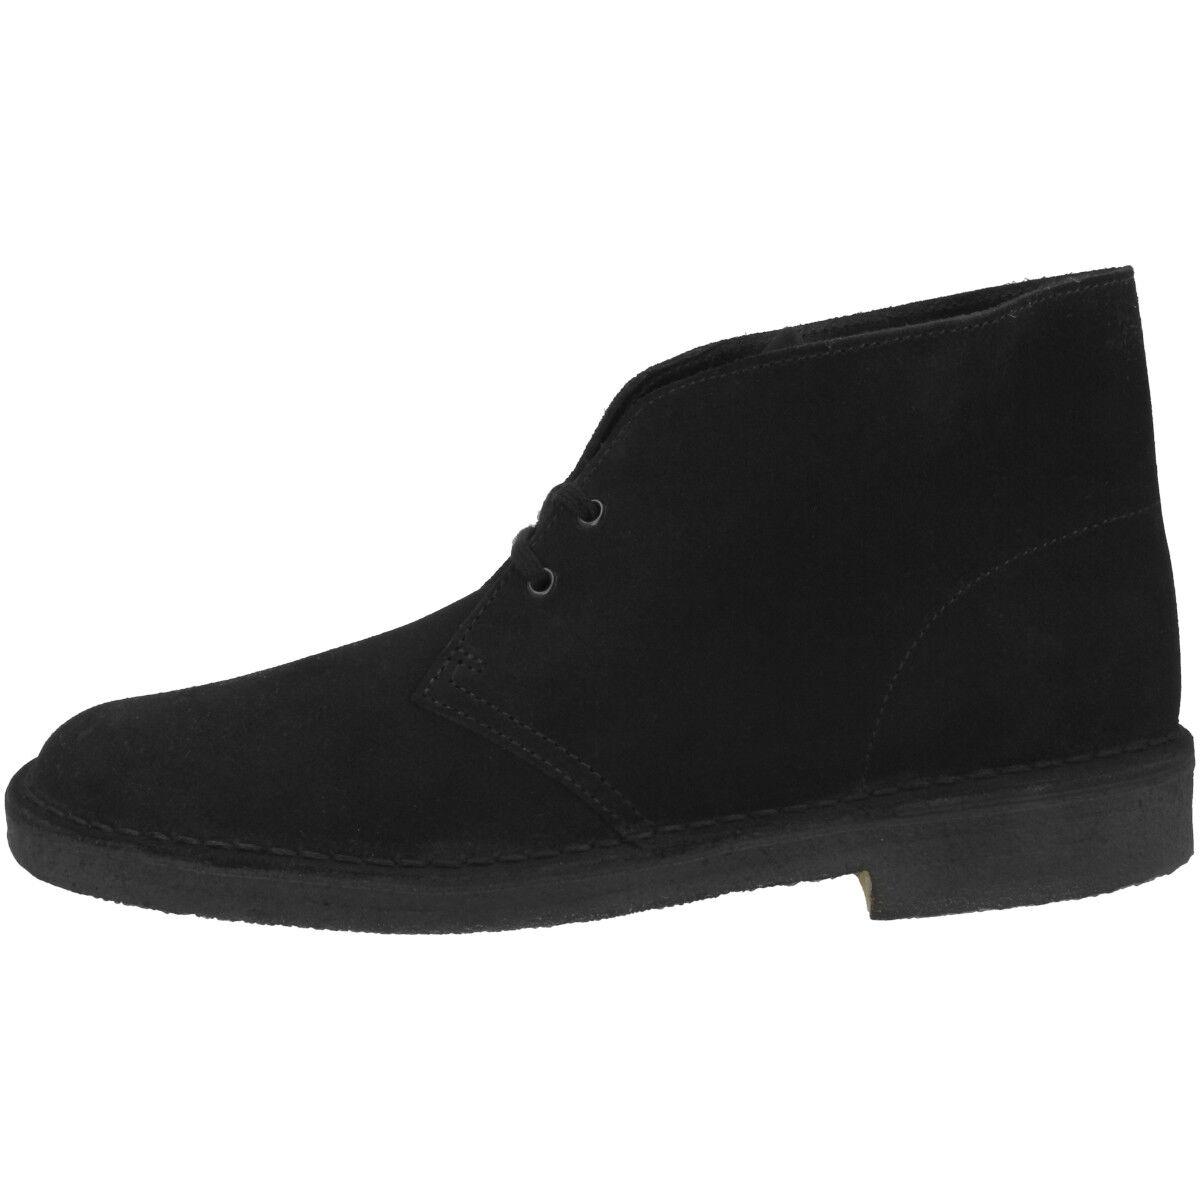 Clarks Desert bota Men zapatos caballero botas schnürzapatos negro Suede 26138227